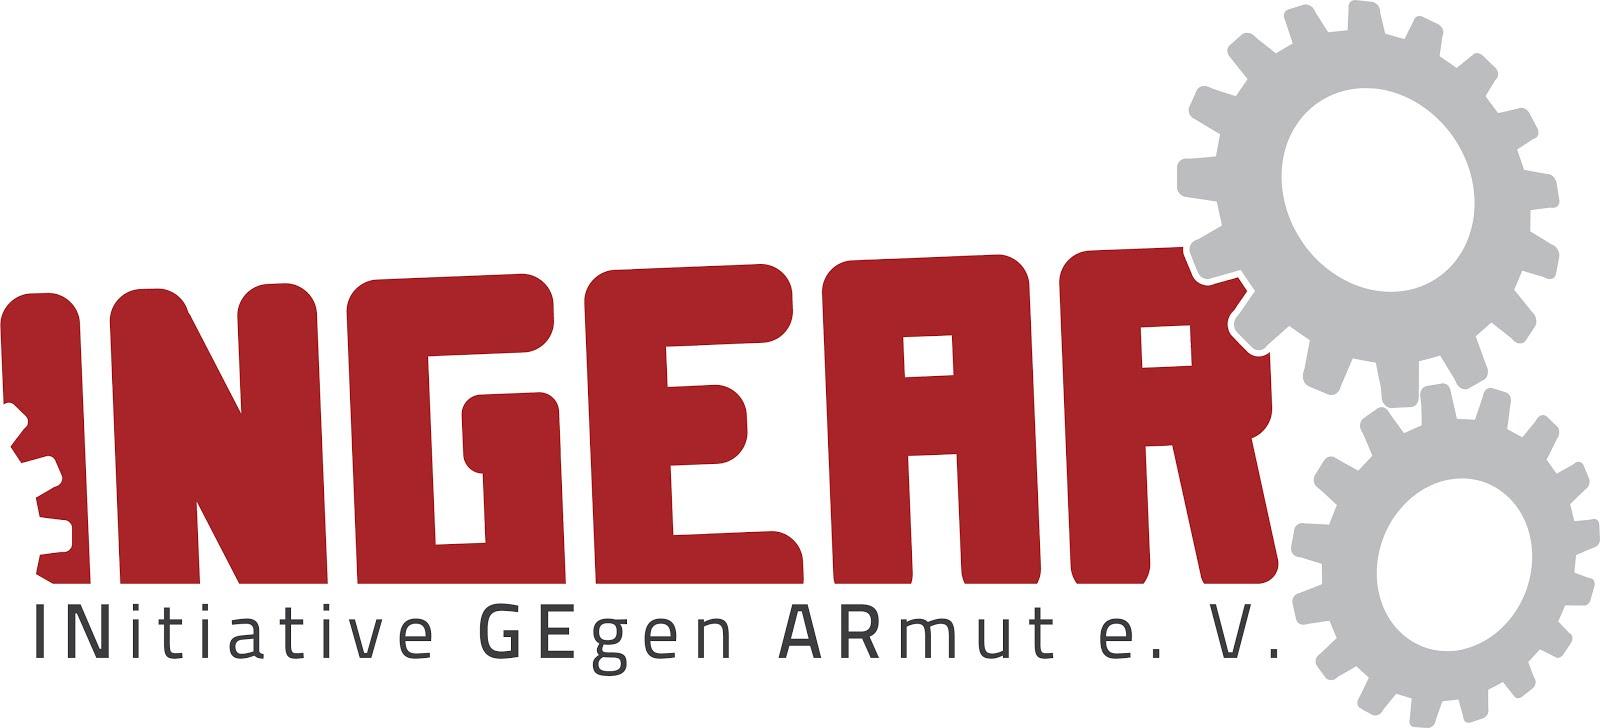 INGEAR - INitiative GEgen ARmut e.V.